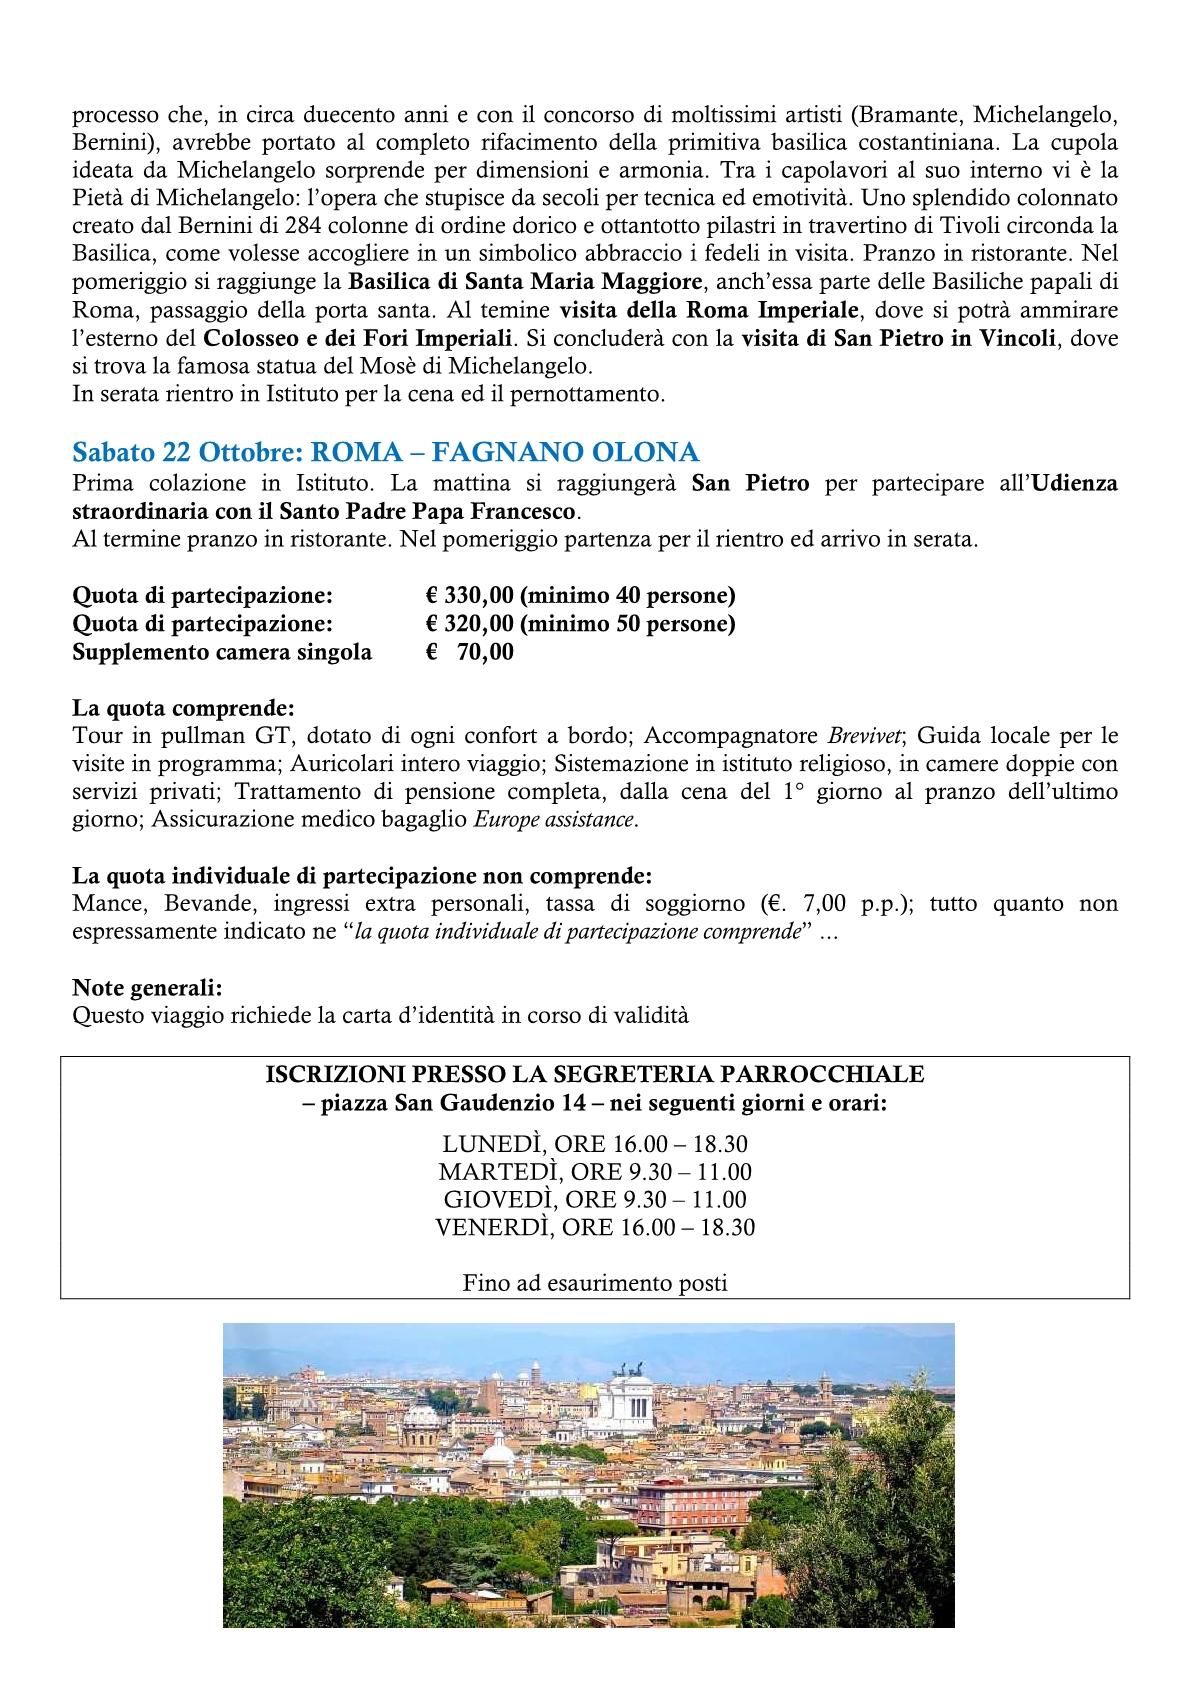 Emejing Tasse Di Soggiorno Roma Contemporary - Idee Arredamento Casa ...